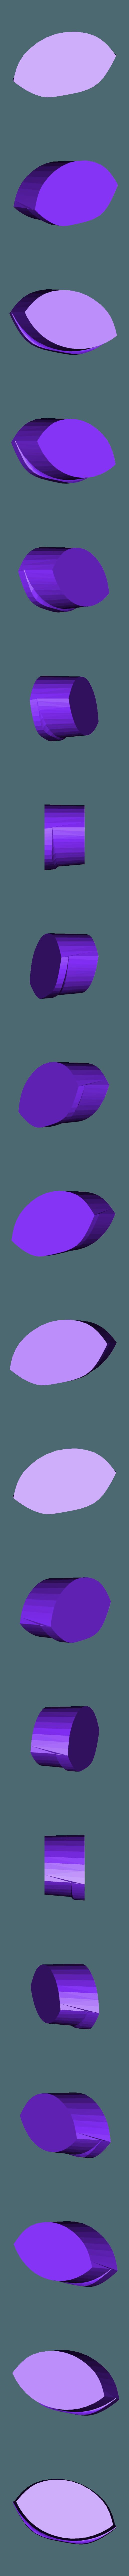 eyeblack_left.stl Télécharger fichier STL gratuit Bébé Chat Potté • Objet à imprimer en 3D, reddadsteve